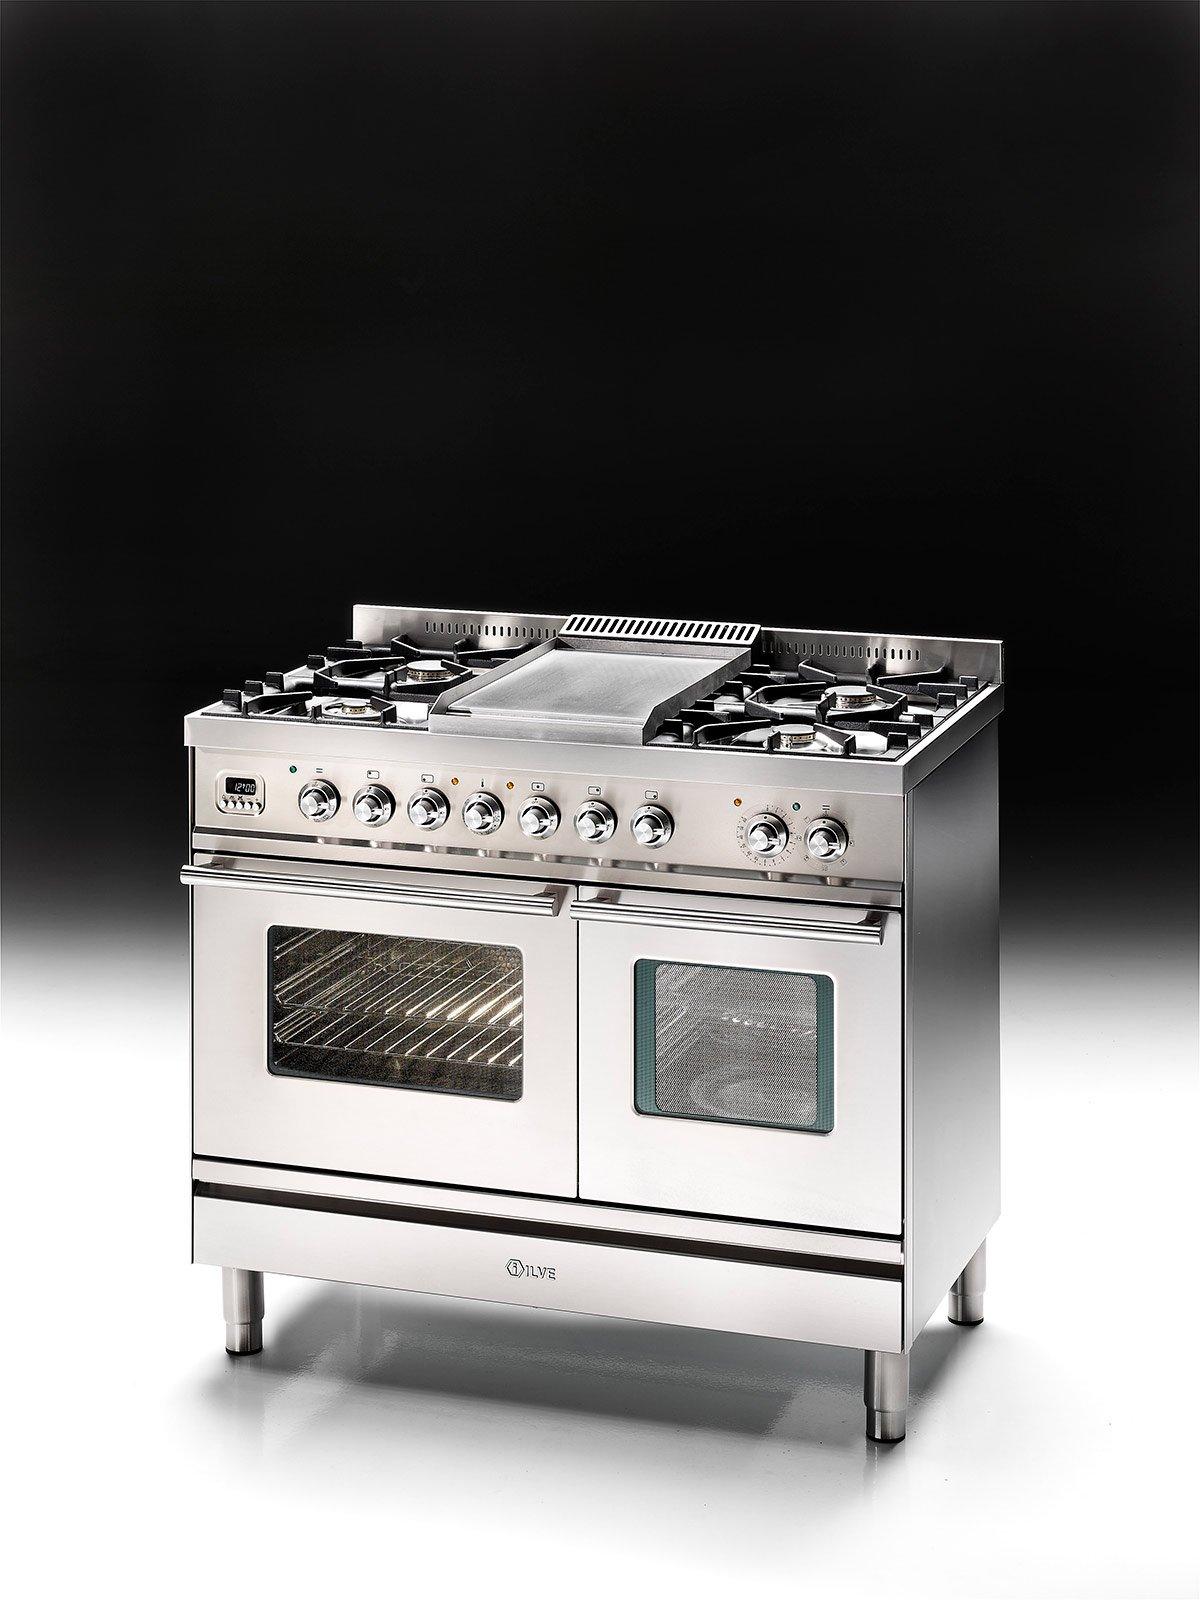 Cucina monoblocco piano cottura e forno tutto in uno - Porta forno ariston ...